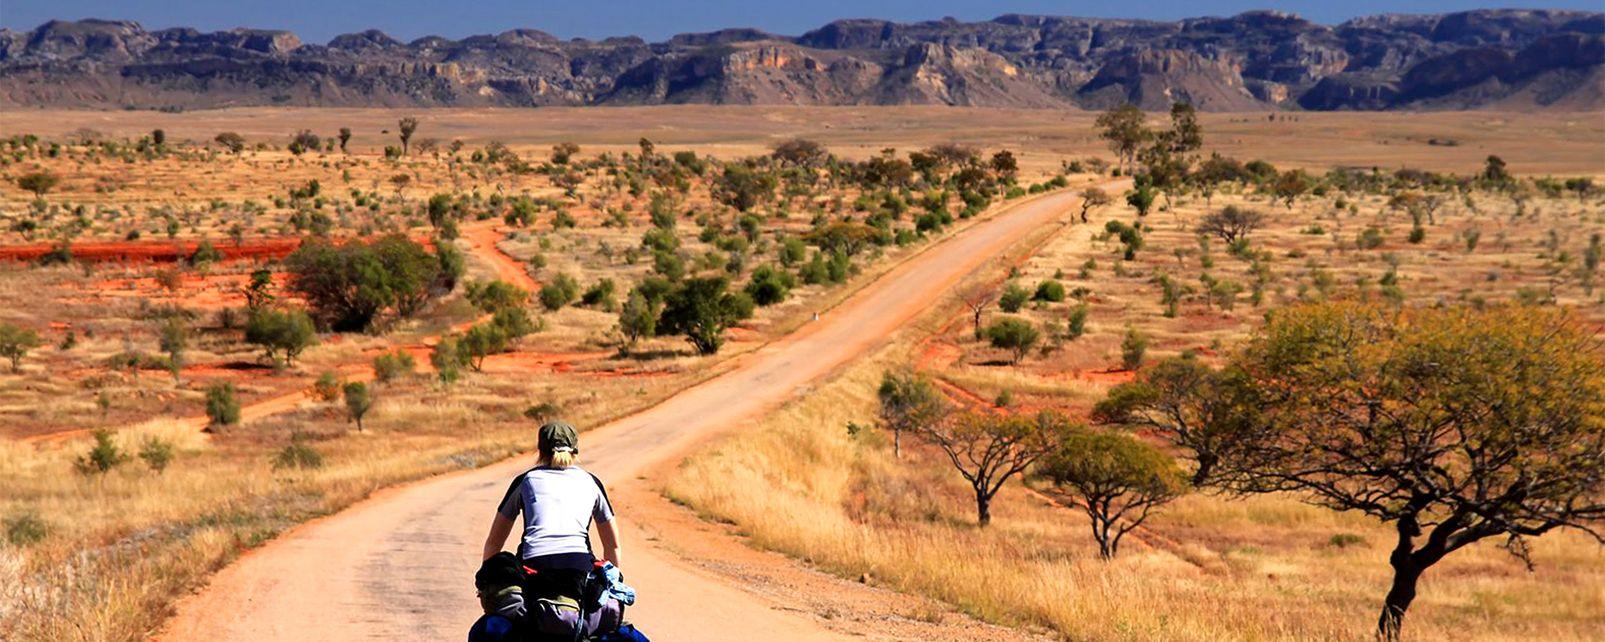 La Route du Sud , Madagascar